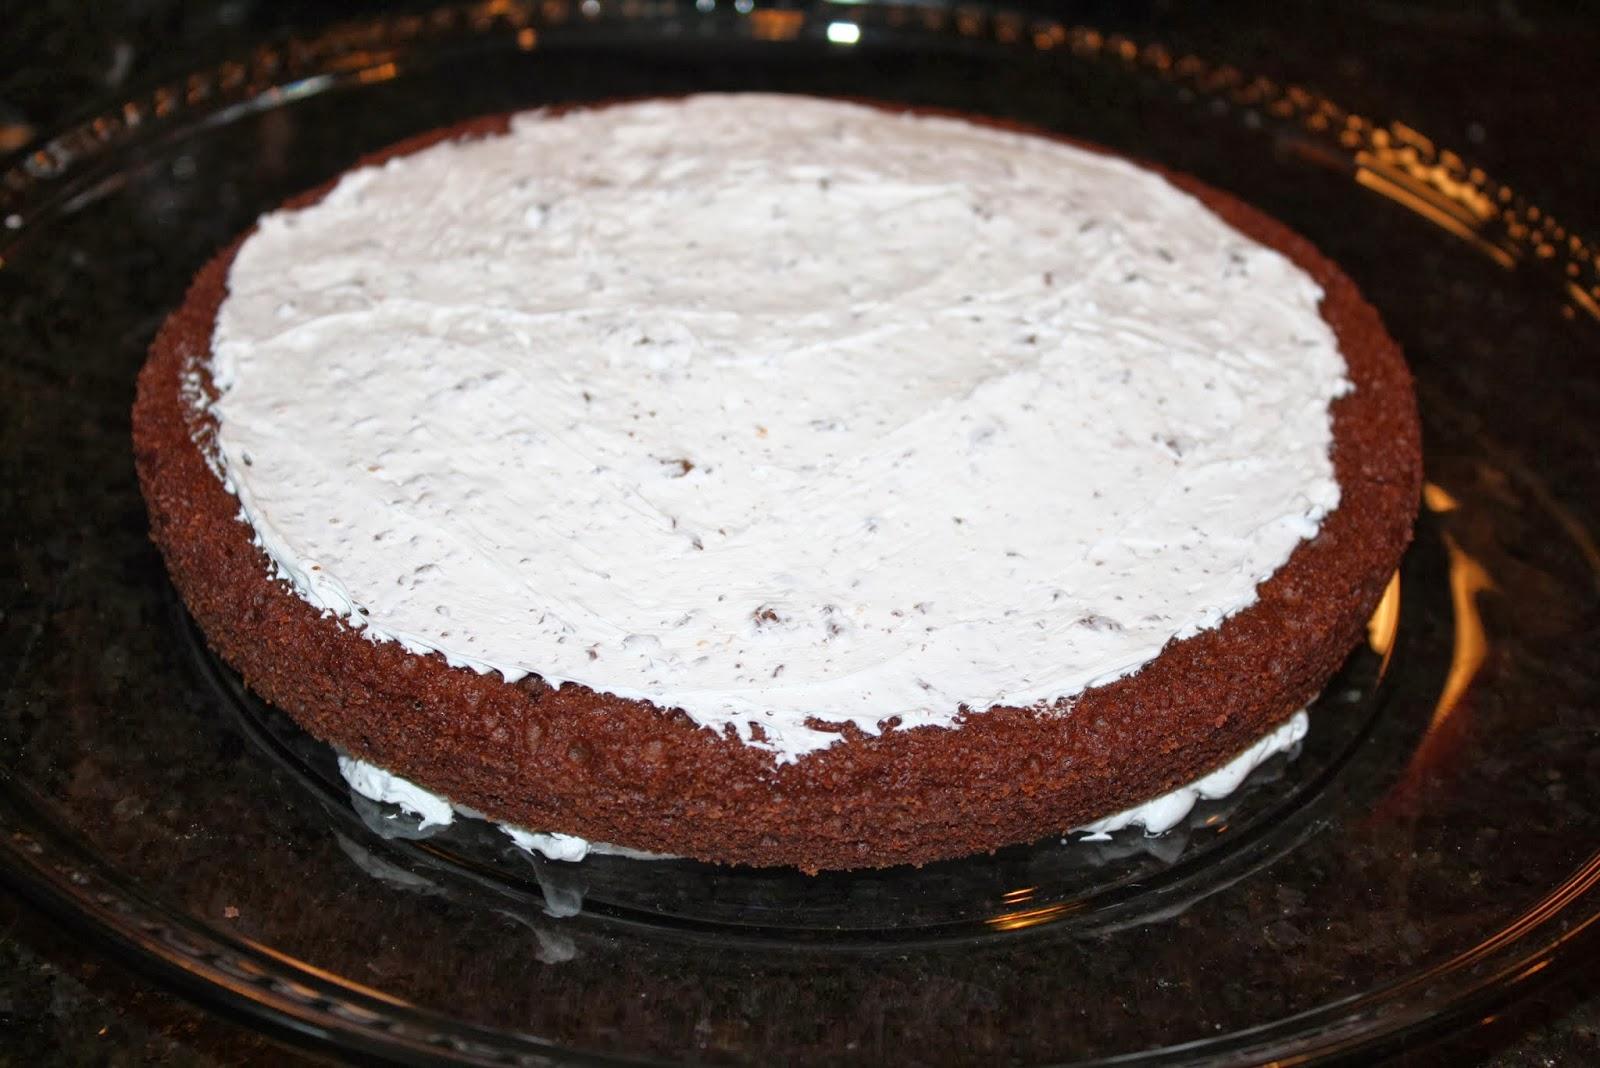 Neighbor Chick S Grandma S 3 Layer Swiss Chocolate Cake